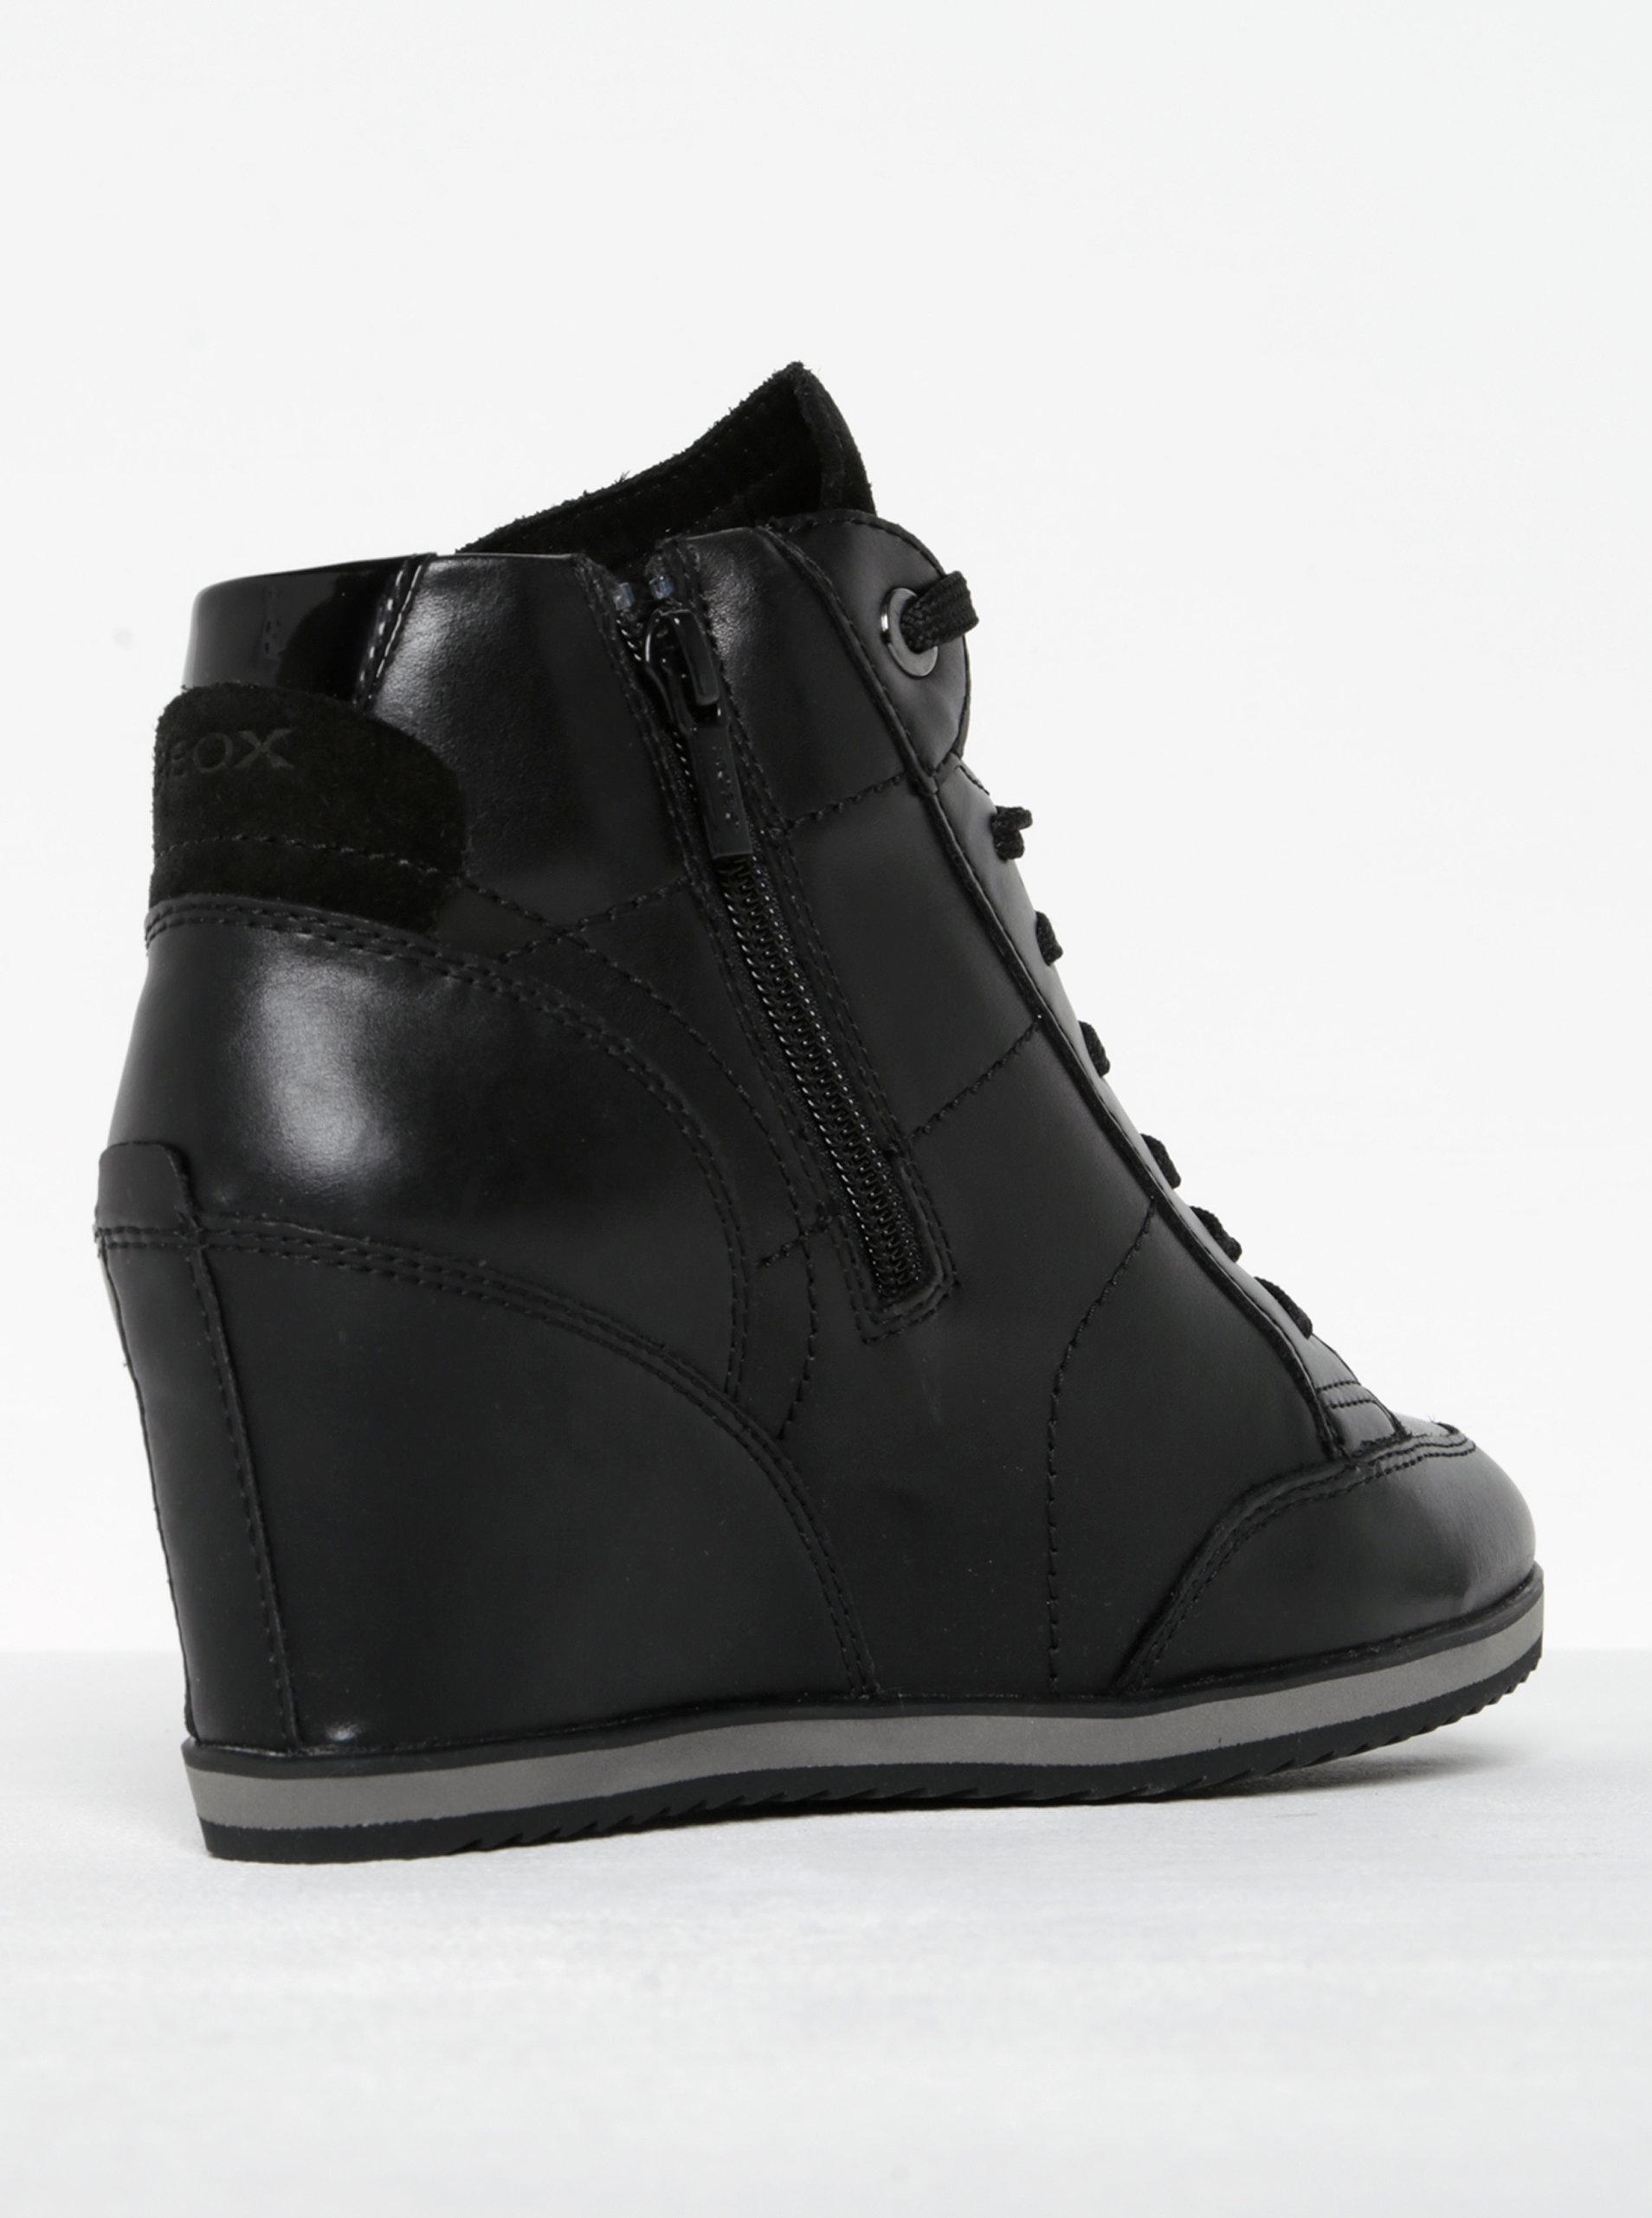 cd7cfdaaa2e Černé dámské kožené boty na klínku Geox Illusion A ...